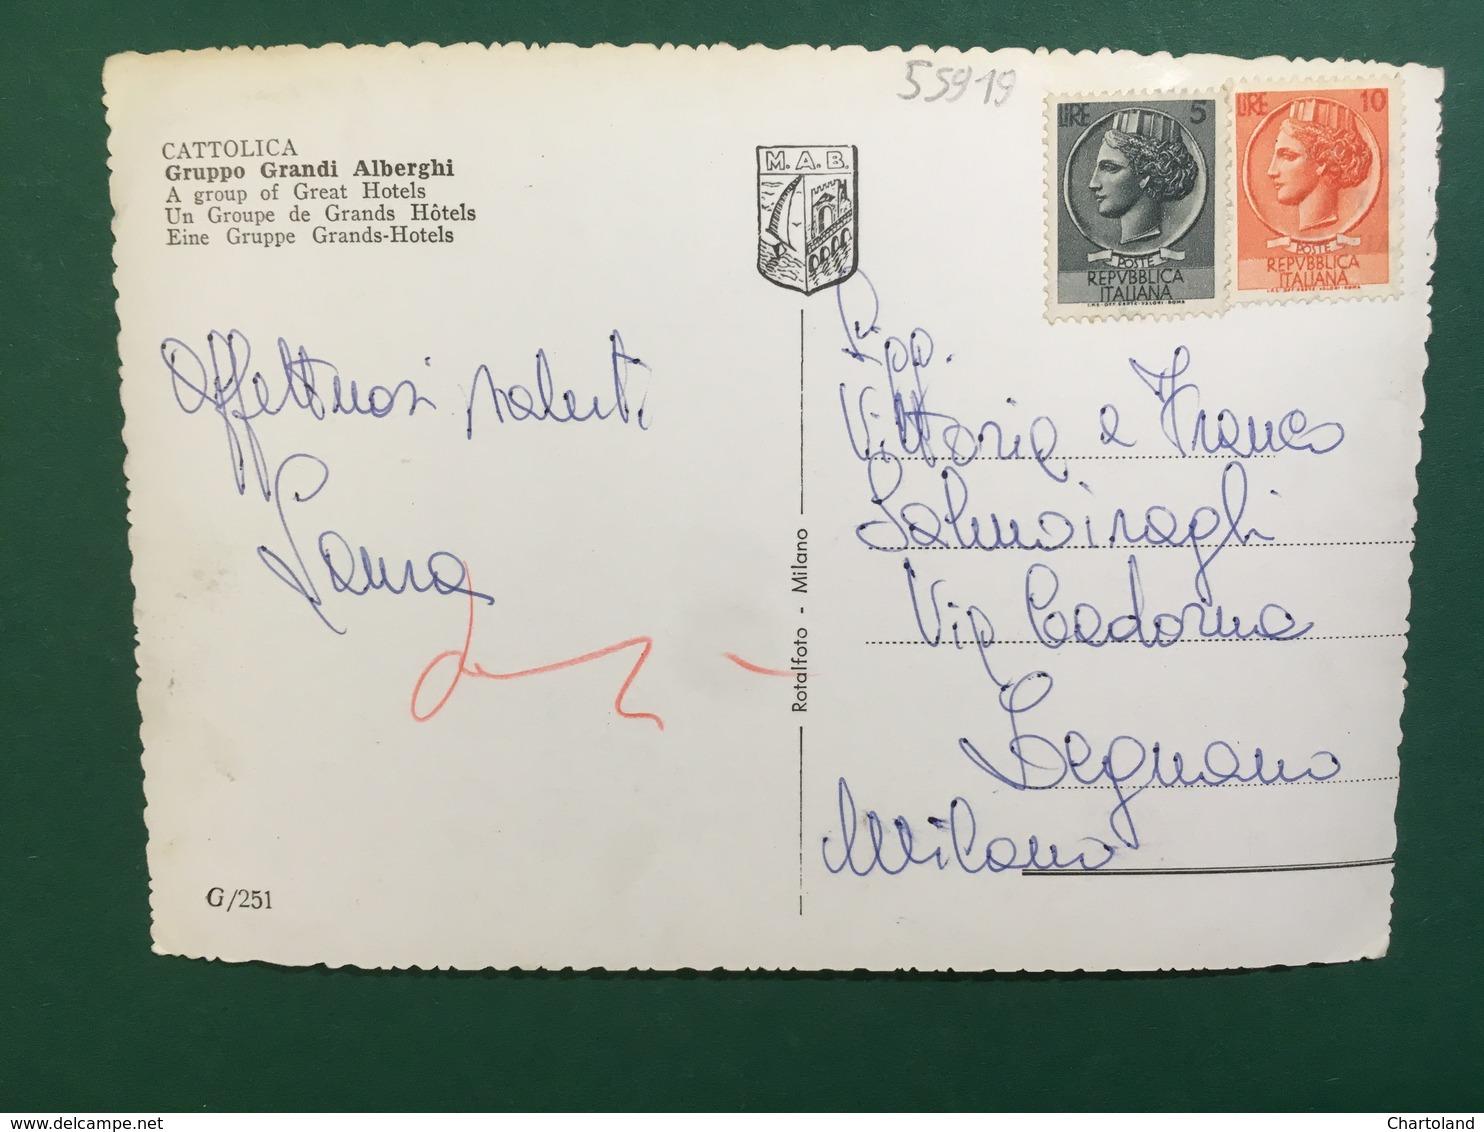 Cartolina Cattolica - Gruppo Grandi Alberghi - 1950 Ca. - Rimini